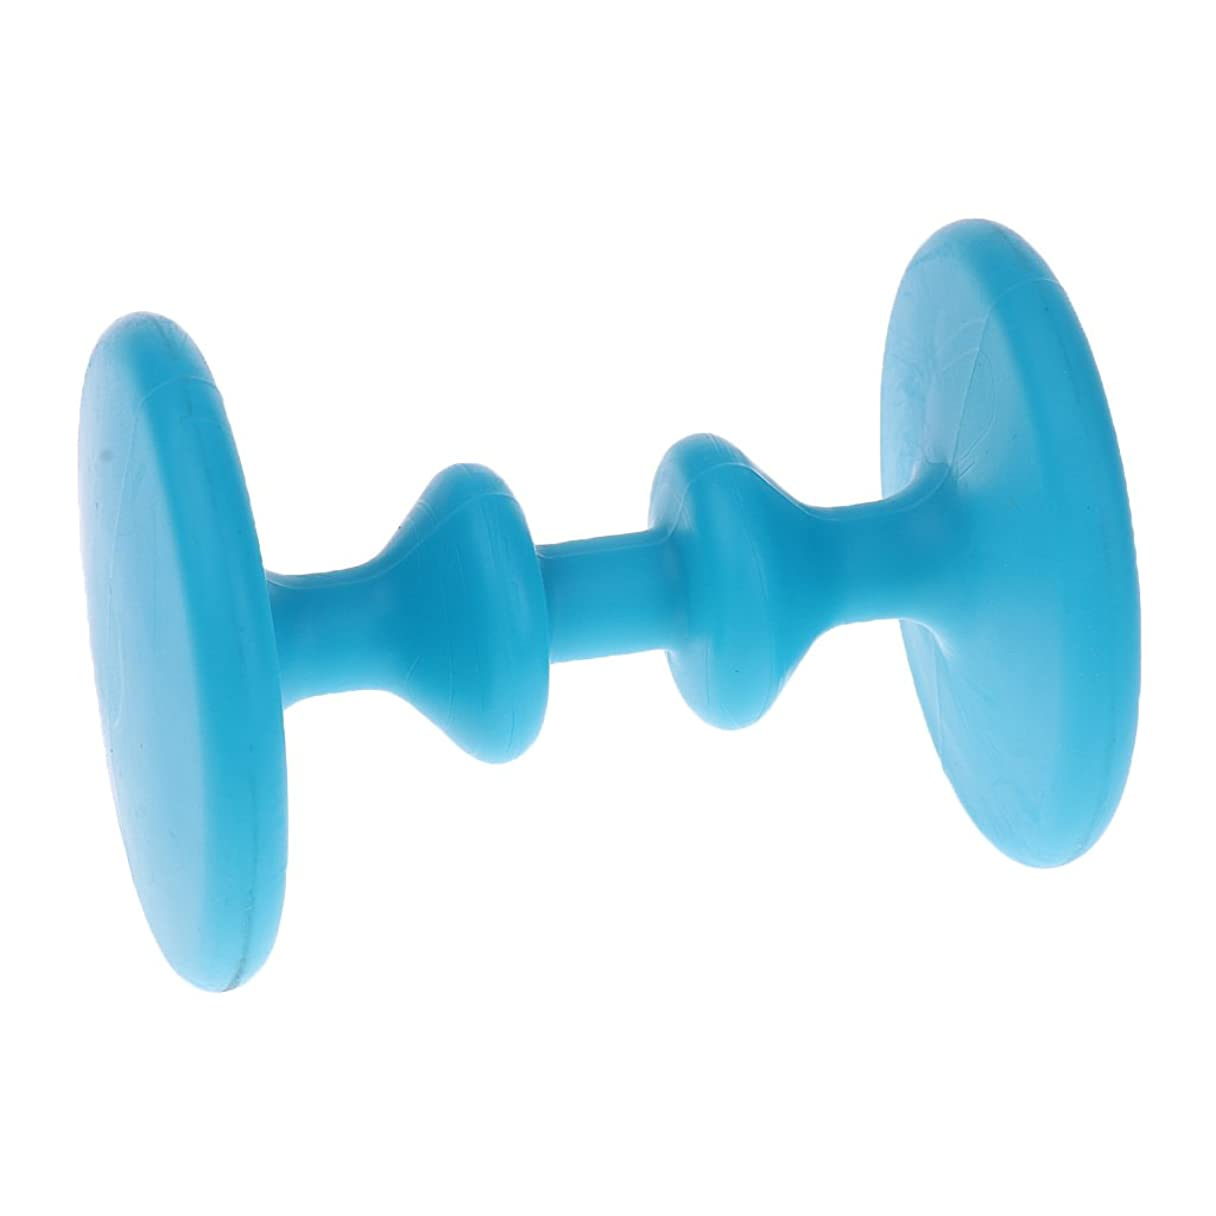 平野薬局急降下Homyl 実用的 車輪 マッサージャー 足 マッサージ ローラー 足 マッサージャー 痛み救済 全3色 - 青